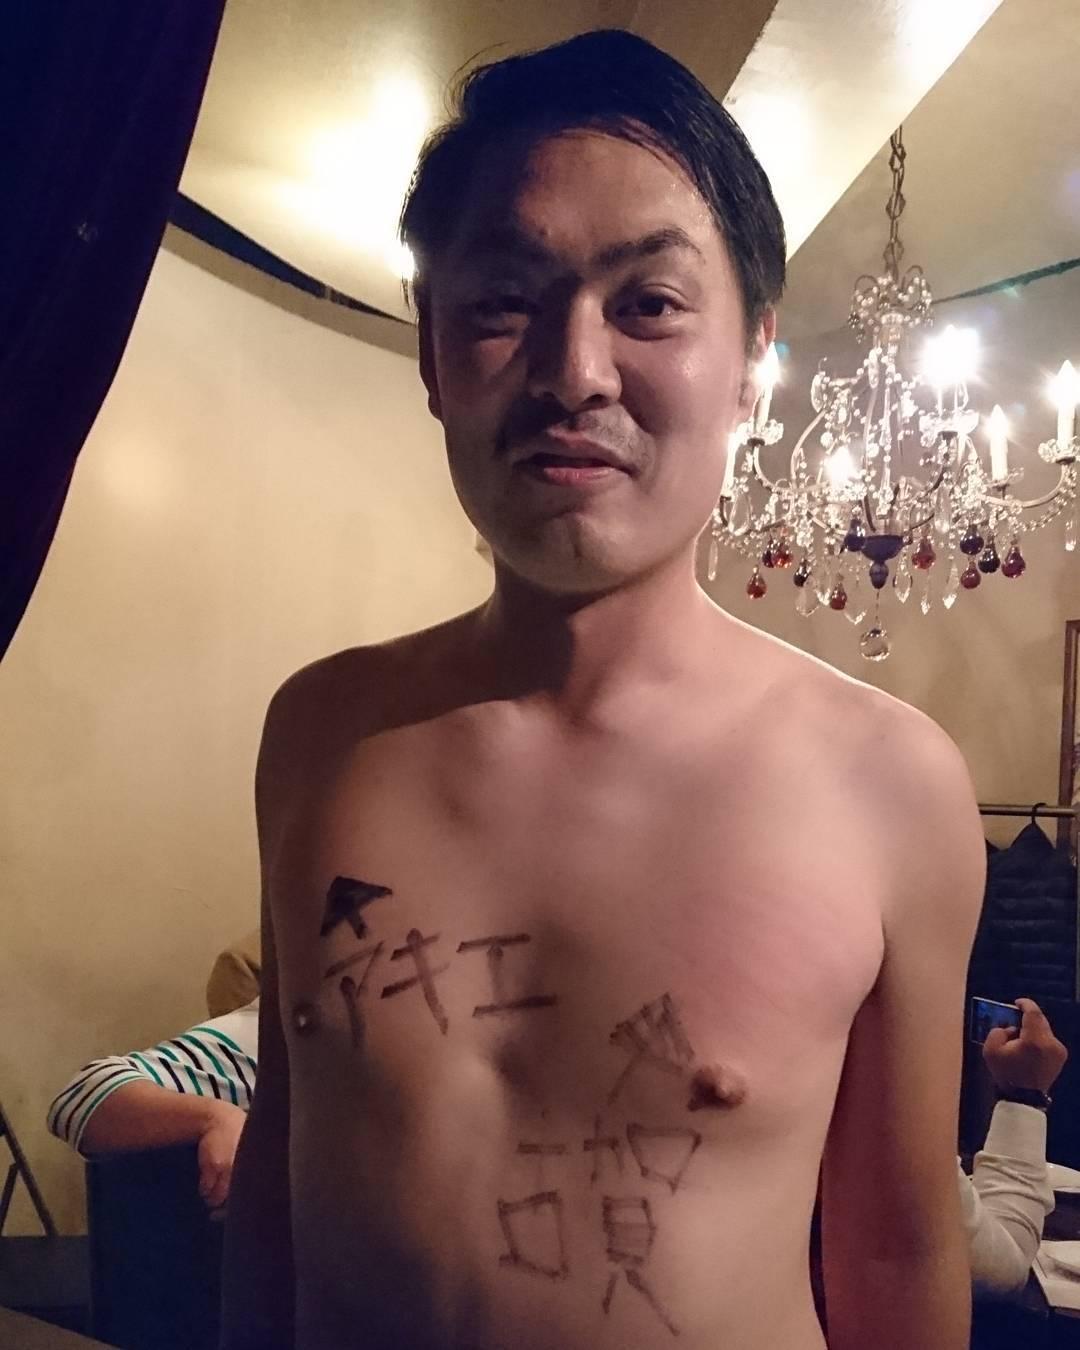 【悲報】安倍昭恵さん、インスタグラムにとんでもないものをアップしてしまう・・・ のサムネイル画像